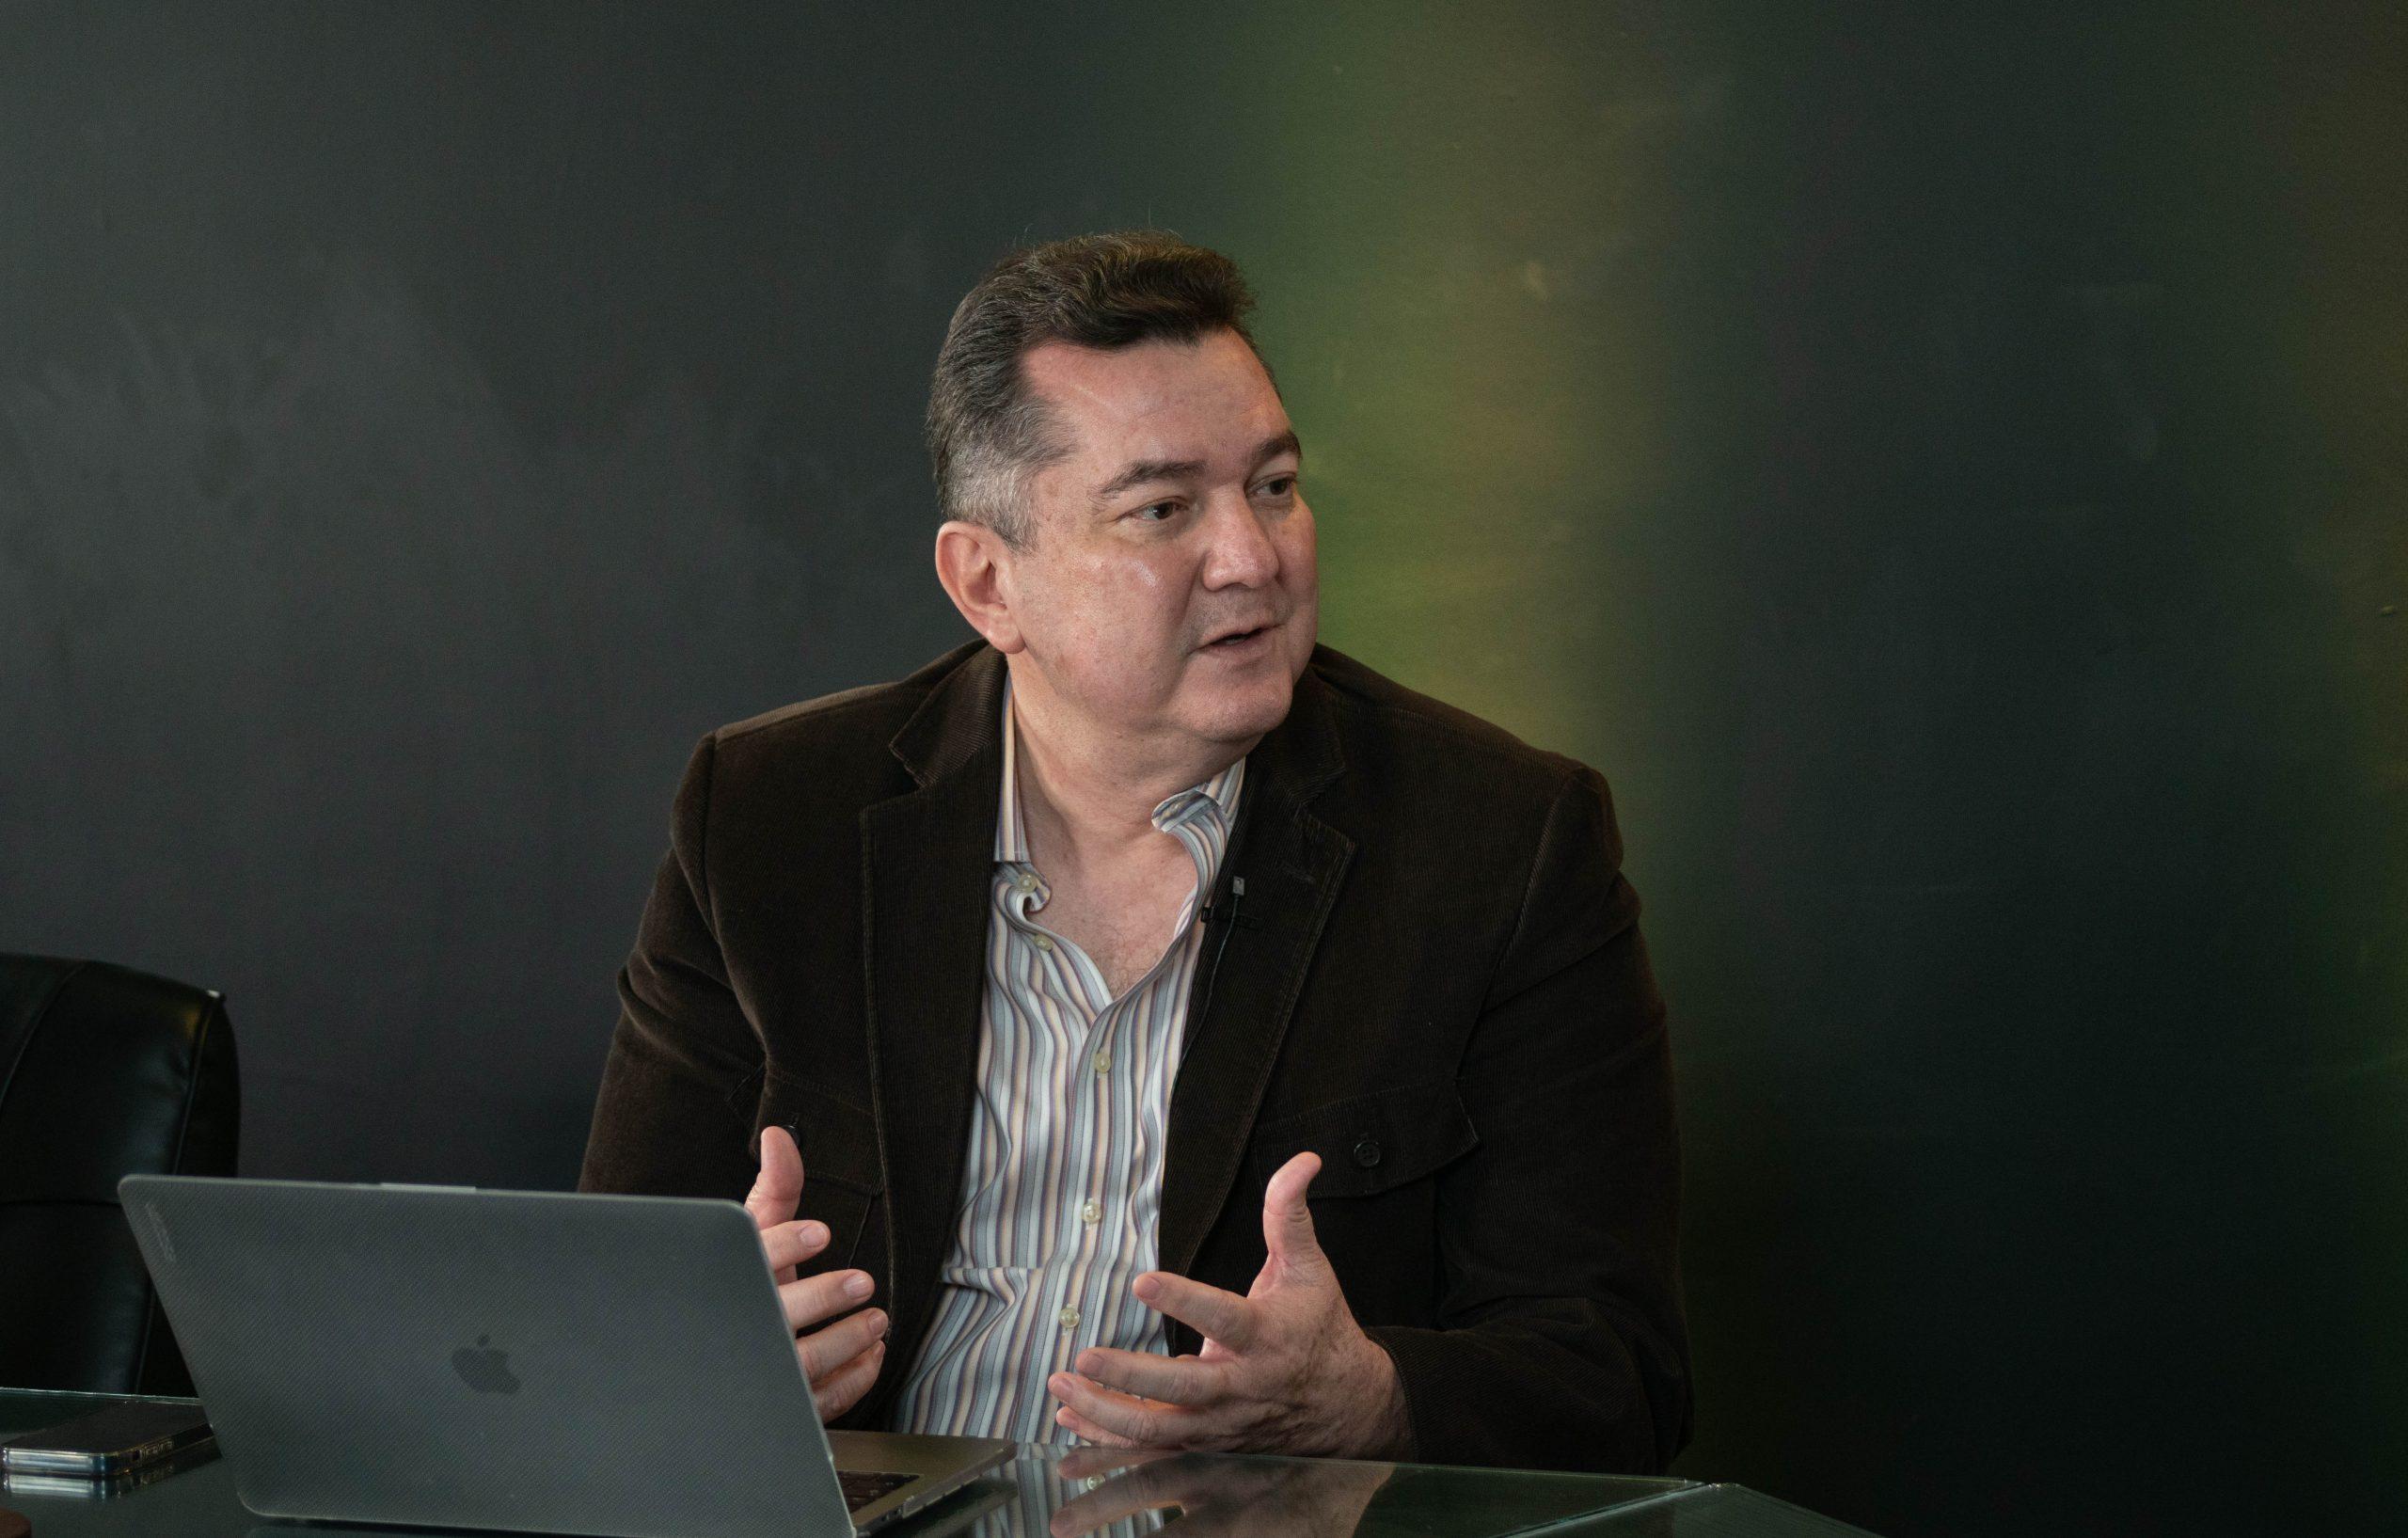 Esta campaña la seguridad nodebe politizarse, esperemospropuestas serias y viables: Marco Paz Pellat